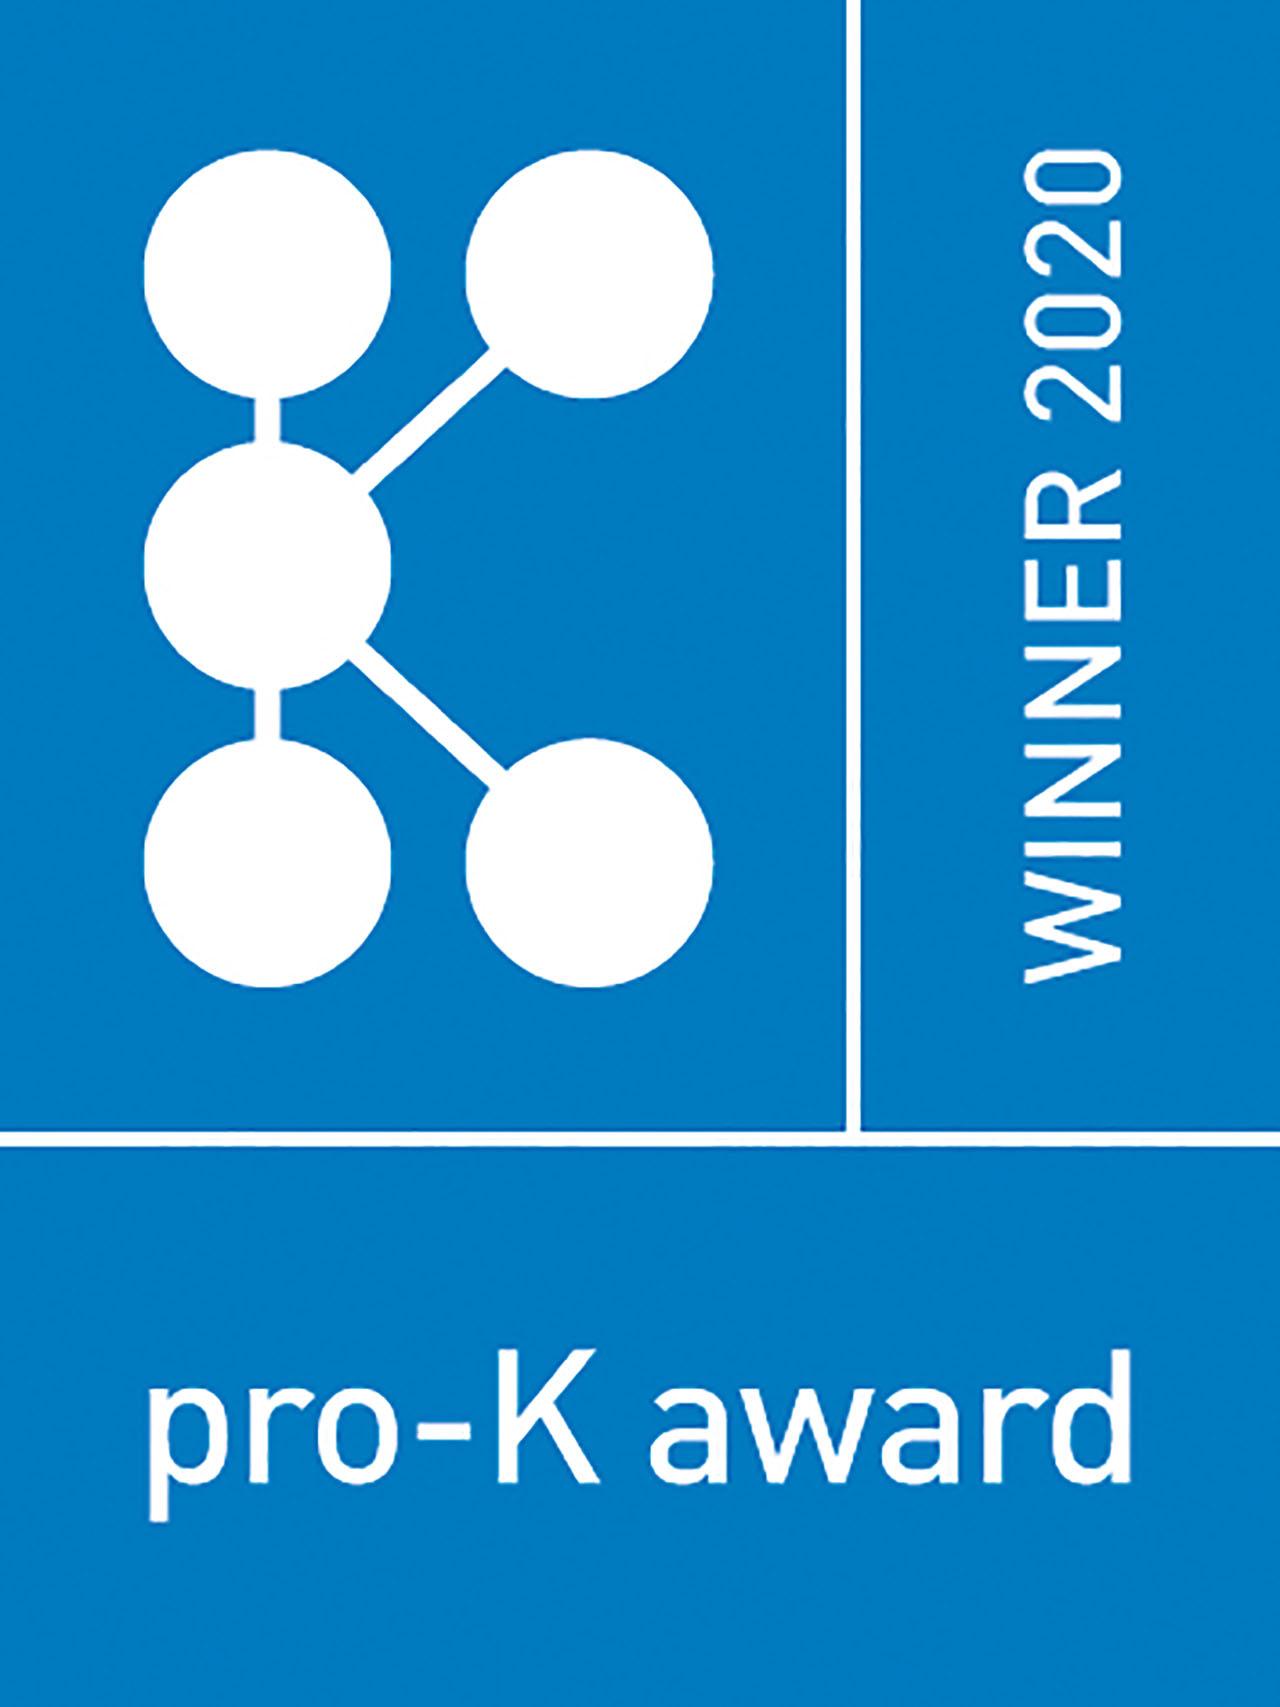 pro-K award Winner 2020